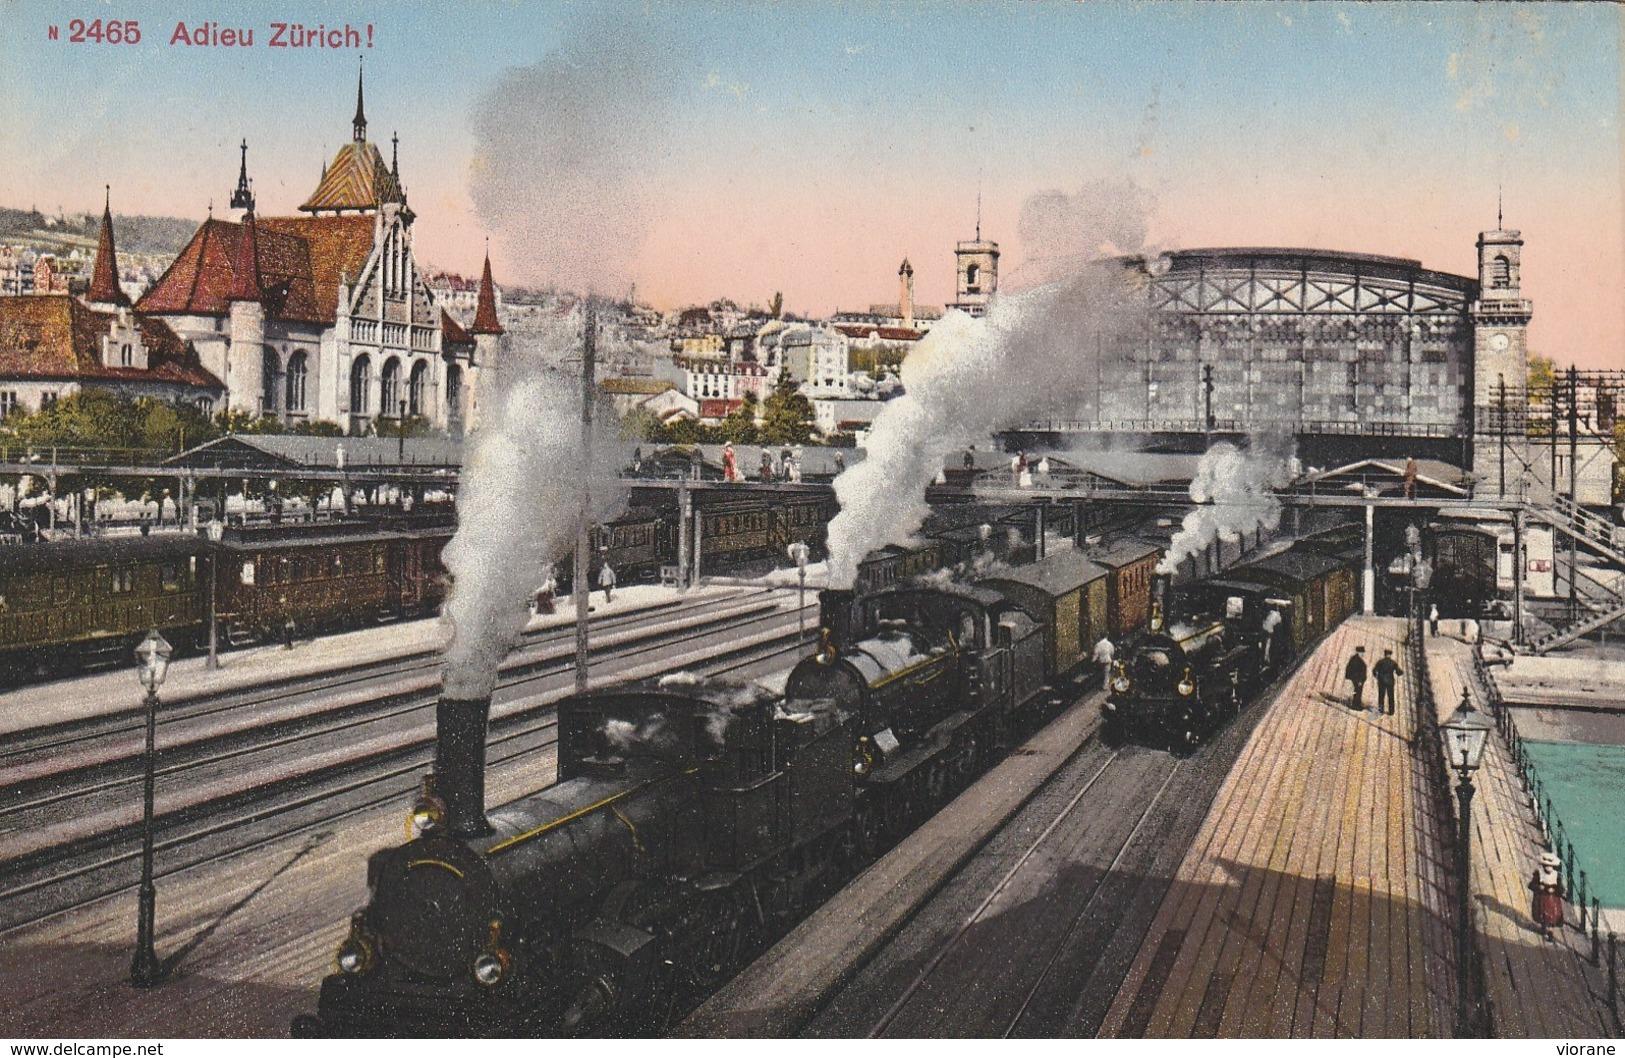 Adieu Zurich (Gare - Trains) - ZH Zurich